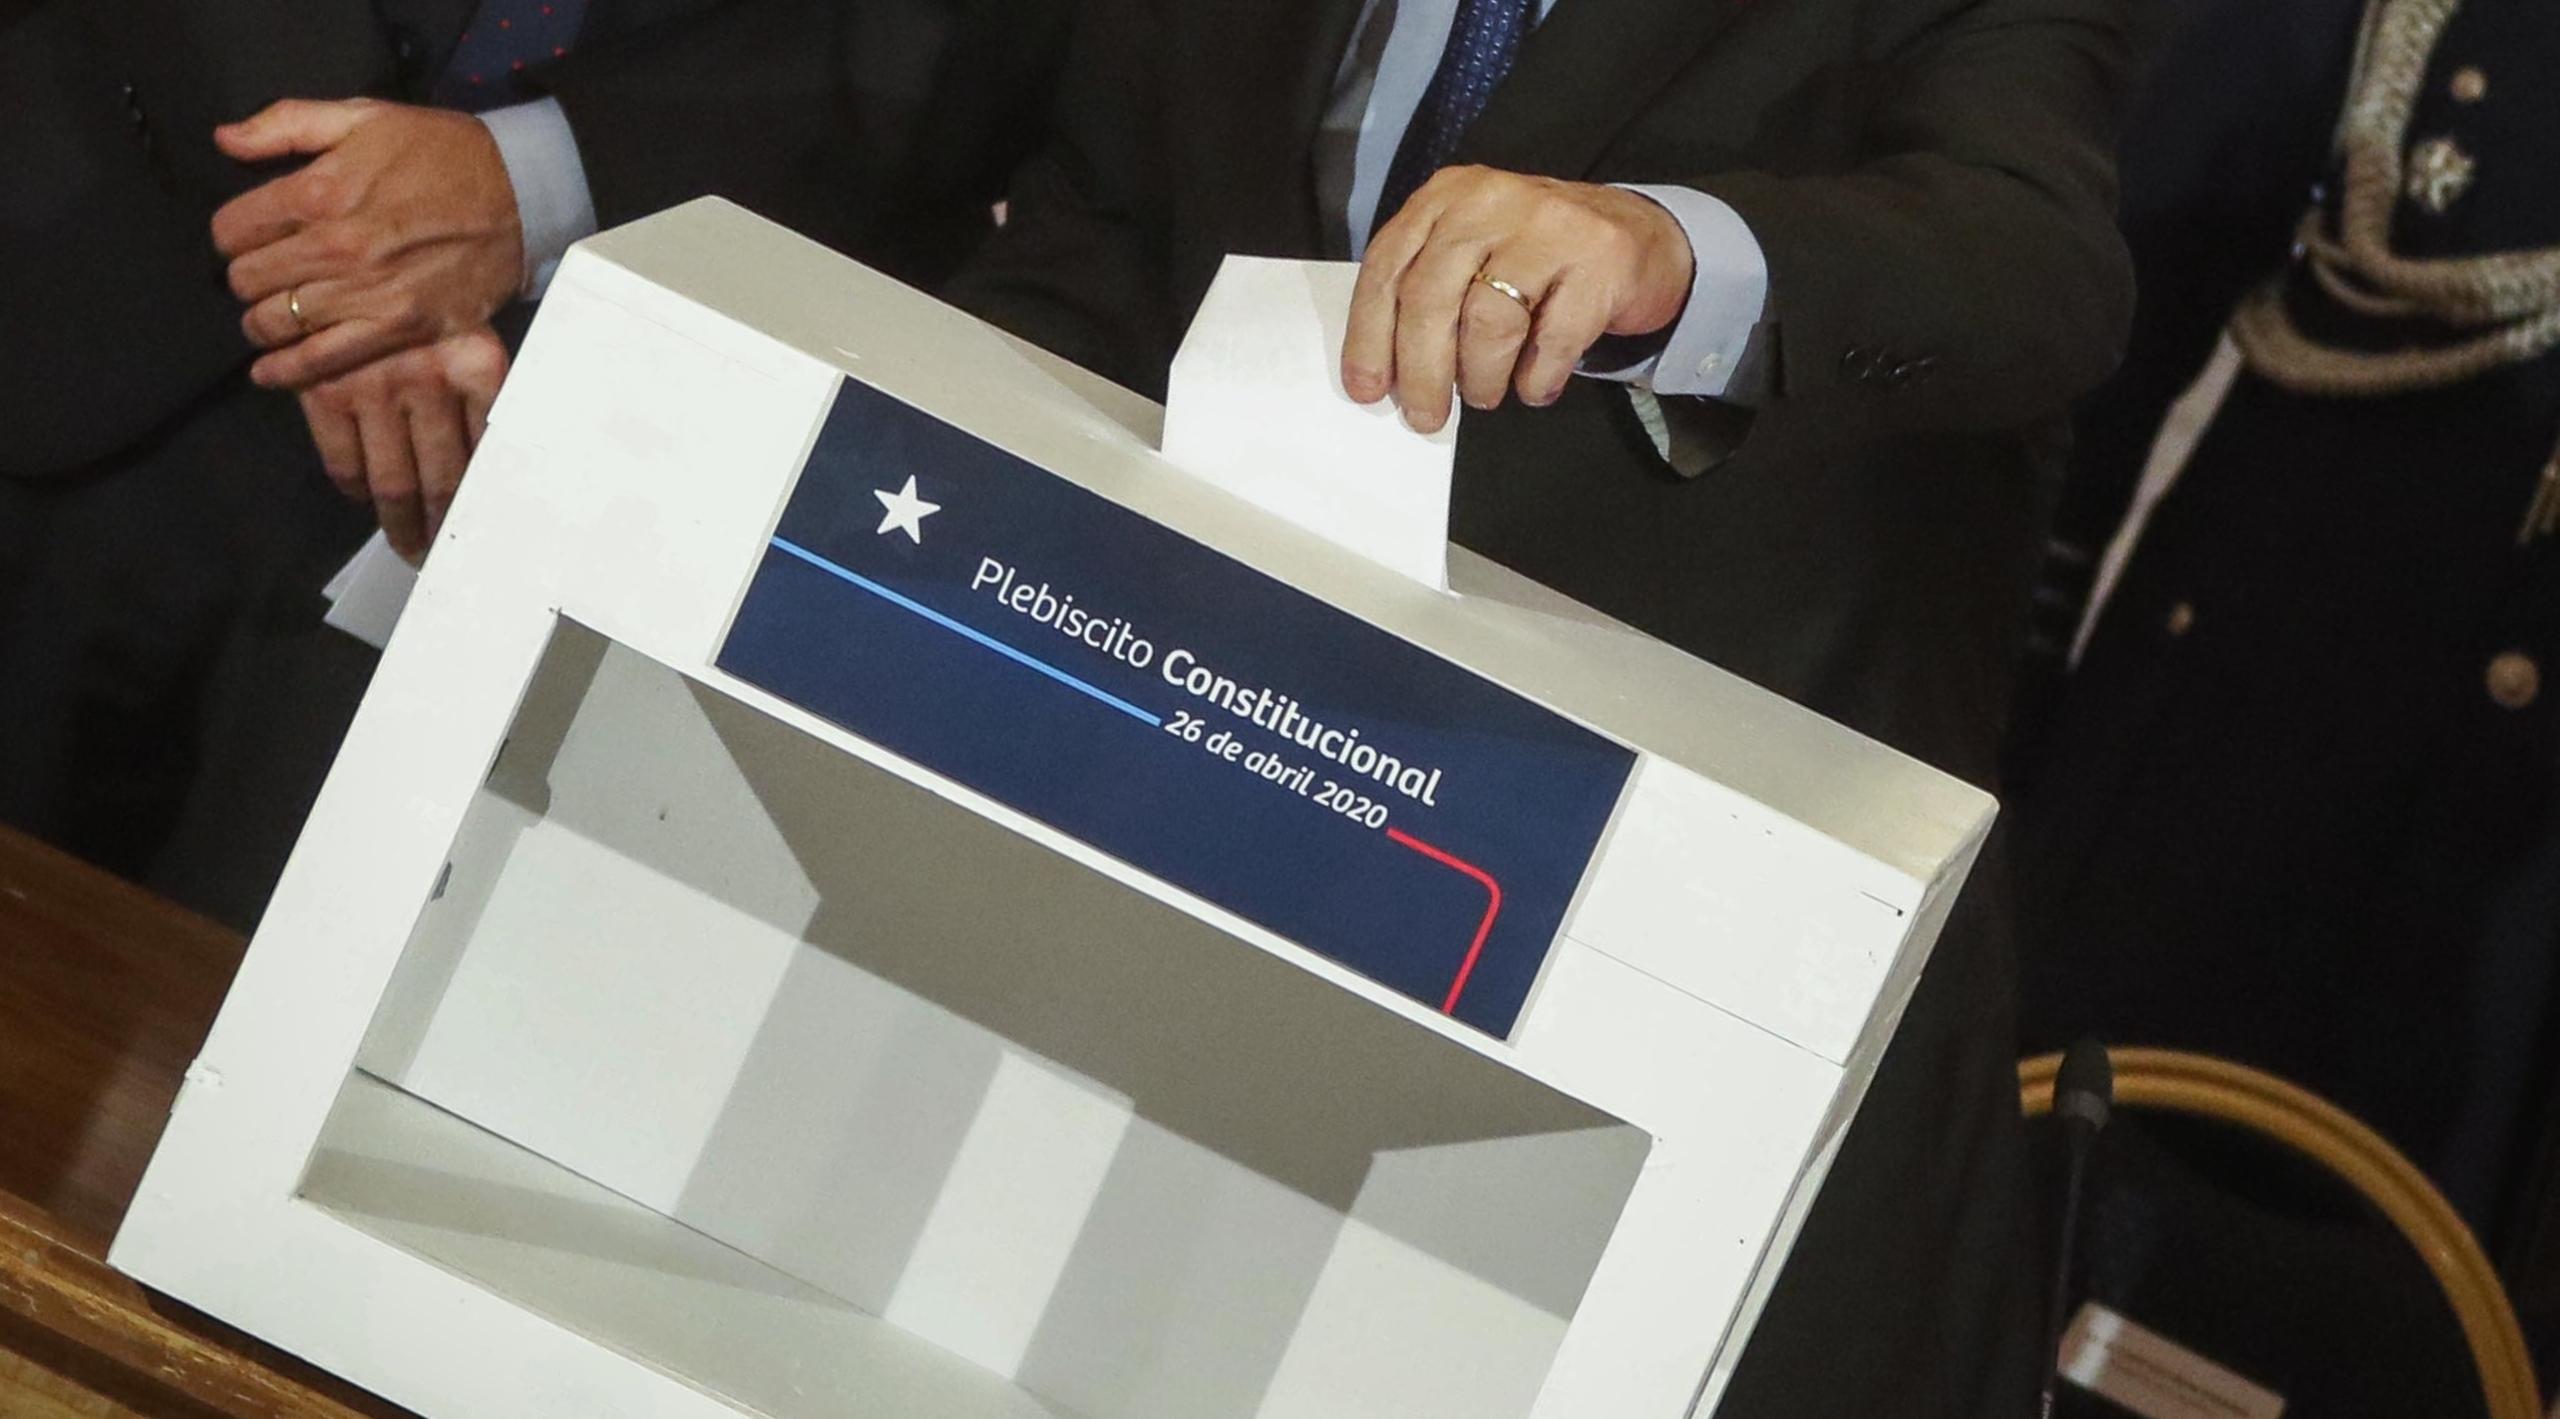 Todo lo que necesitas saber a días de realizarse el Plebiscito en Chile por una nueva constitución